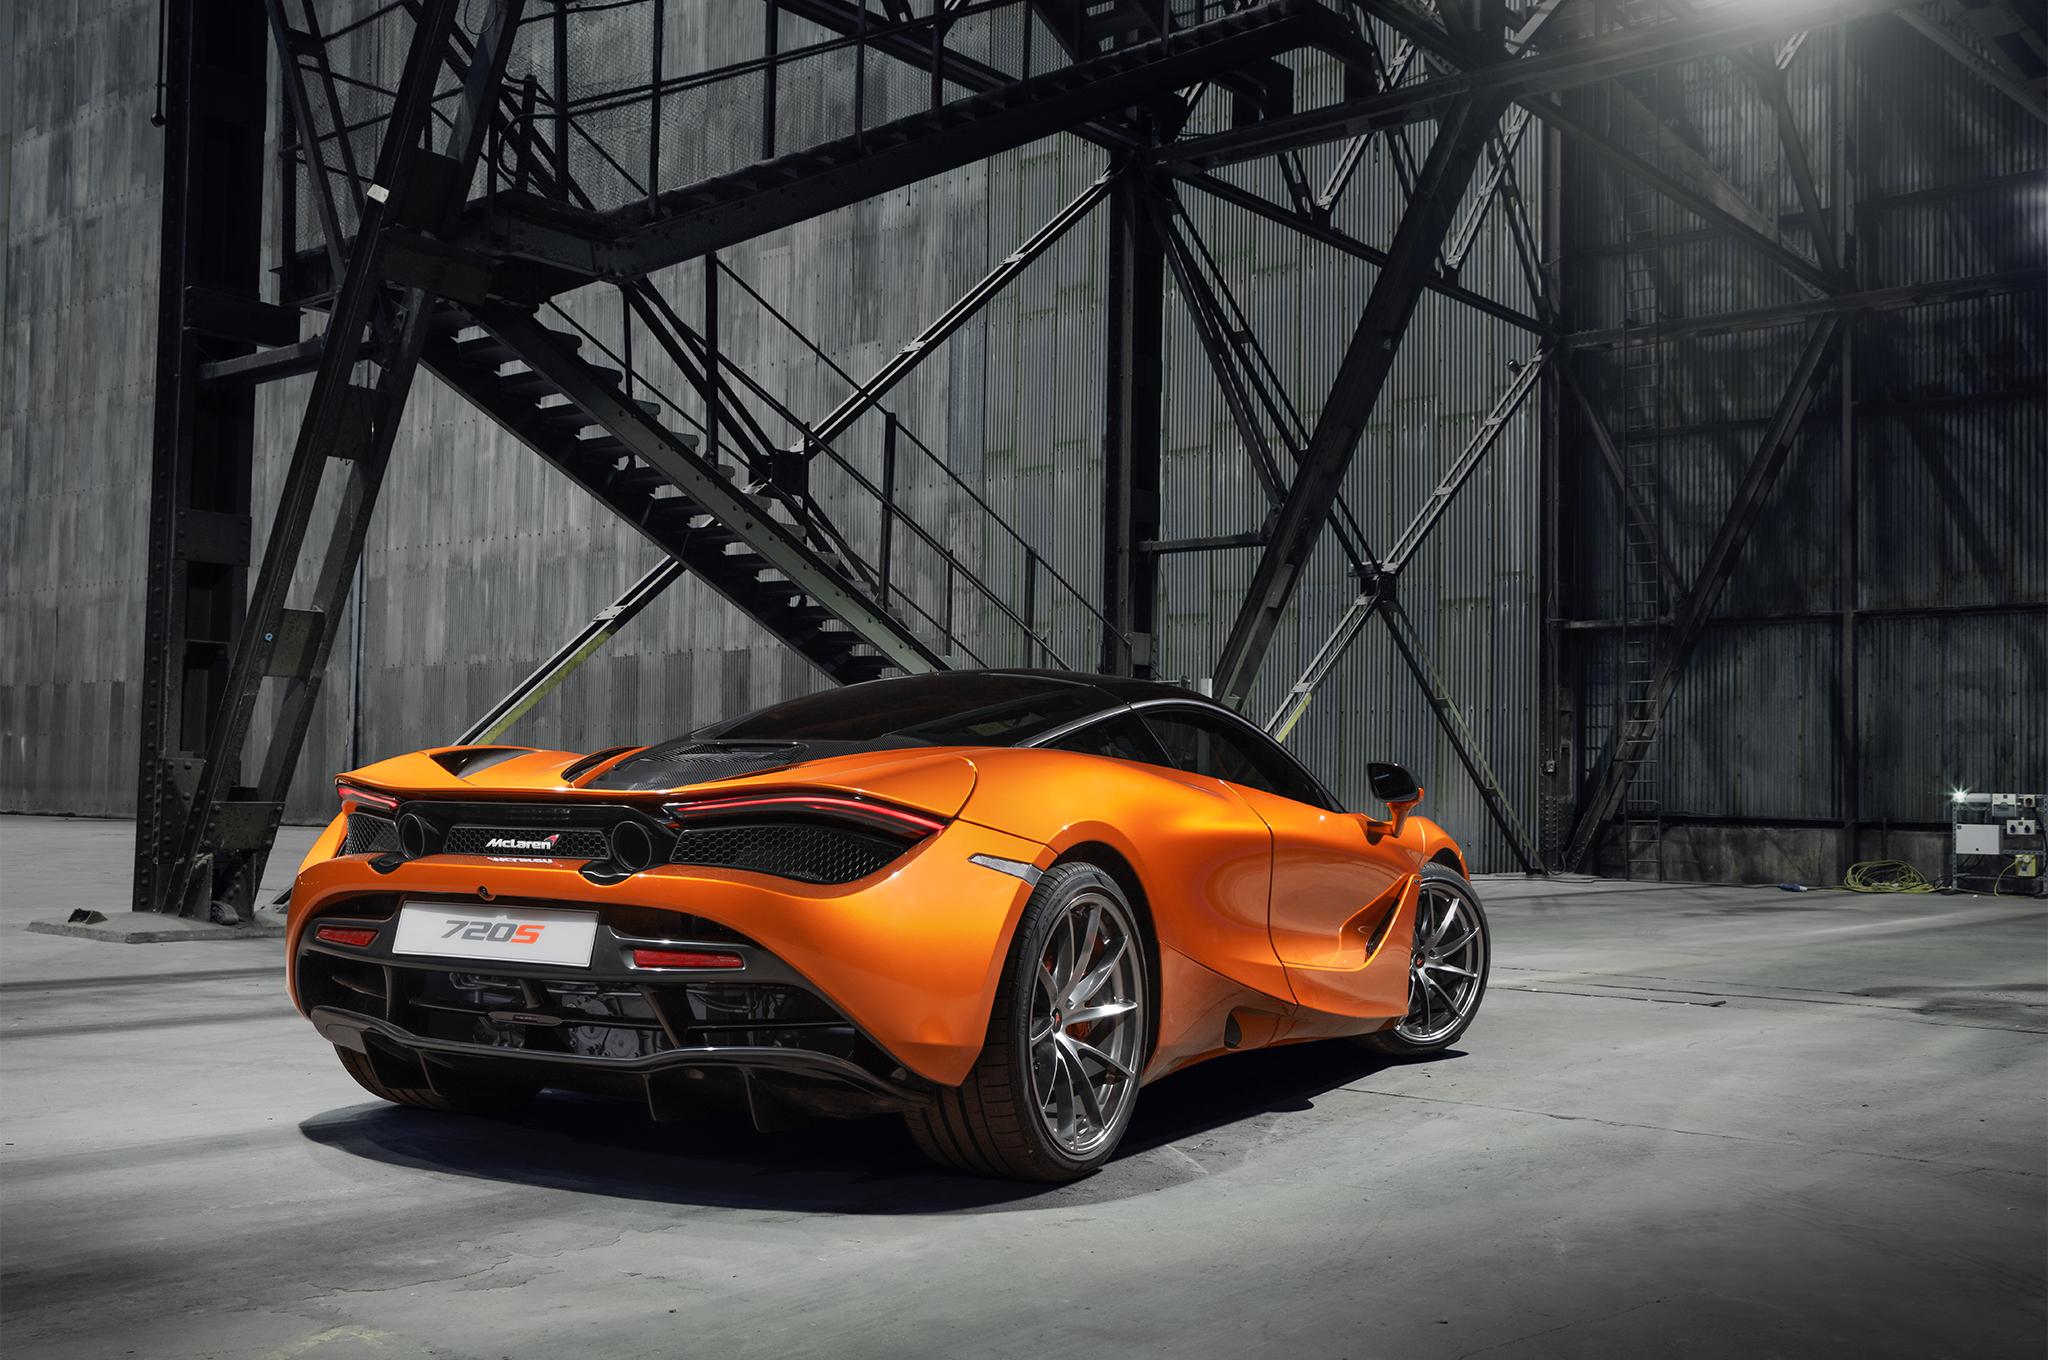 2018 McLaren720S rear